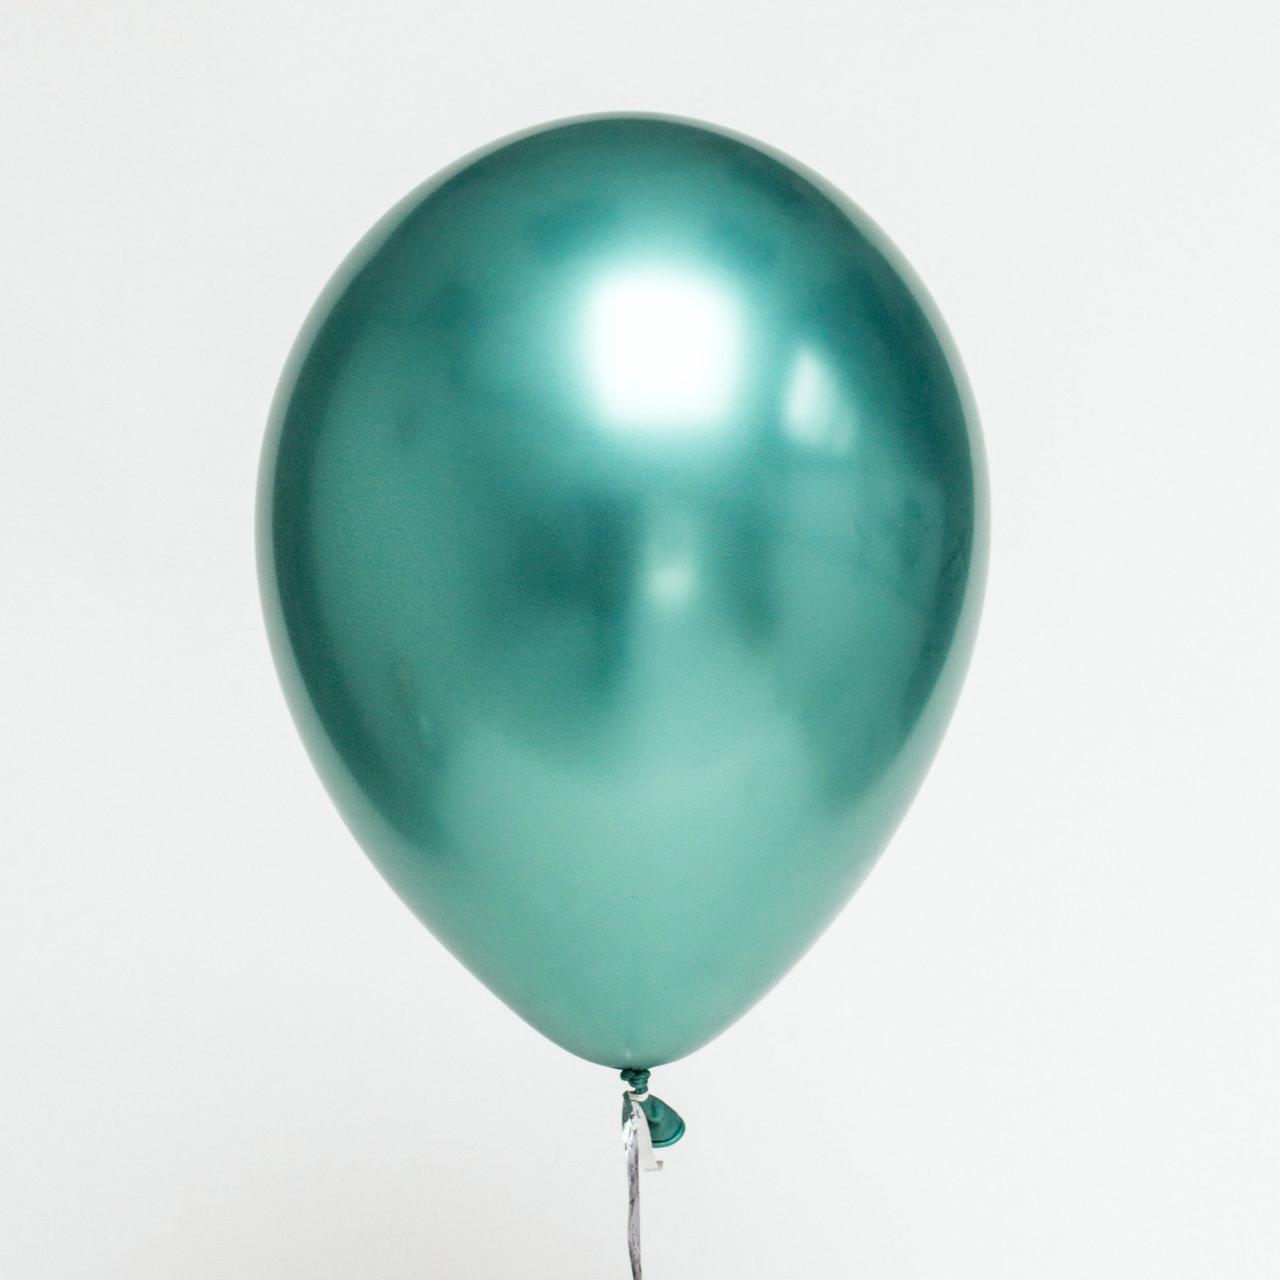 Шар хром зеленый chrome green 30 см